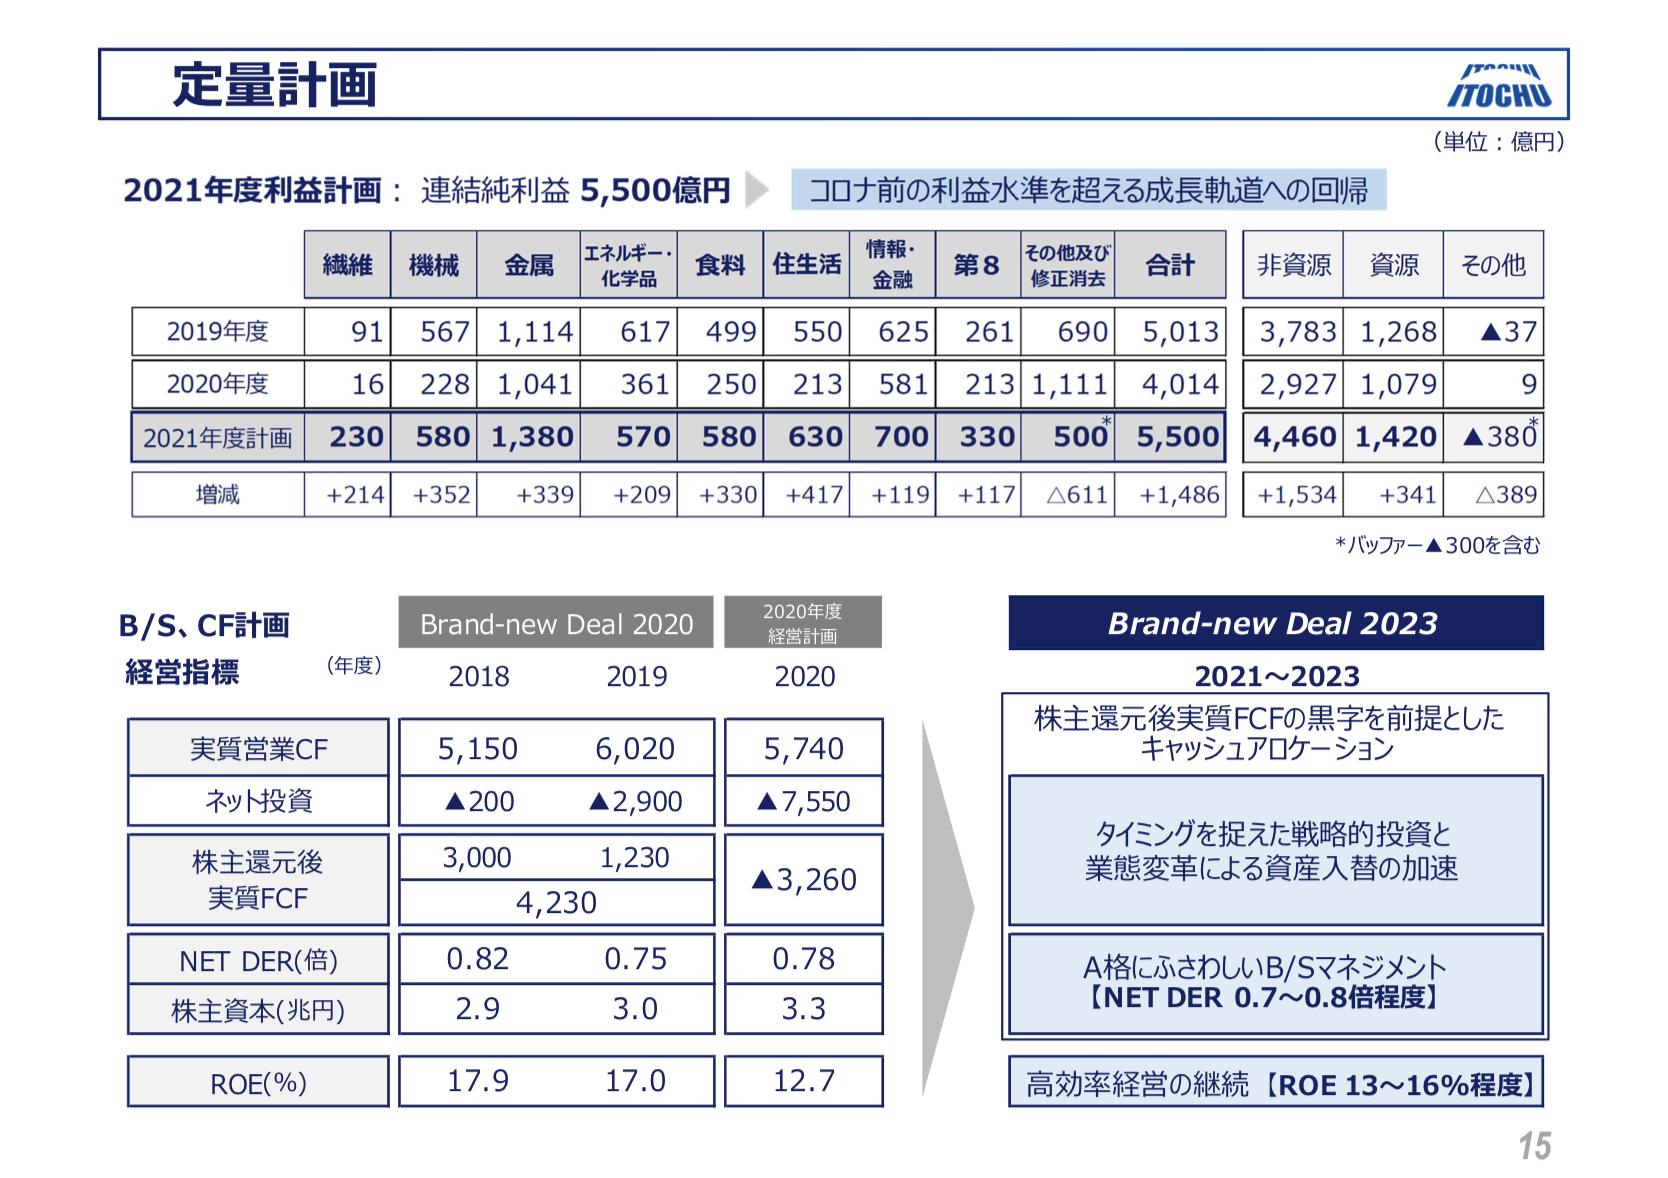 伊藤忠商事 2020年度 決算 2021〜2023年度 中期経営計画